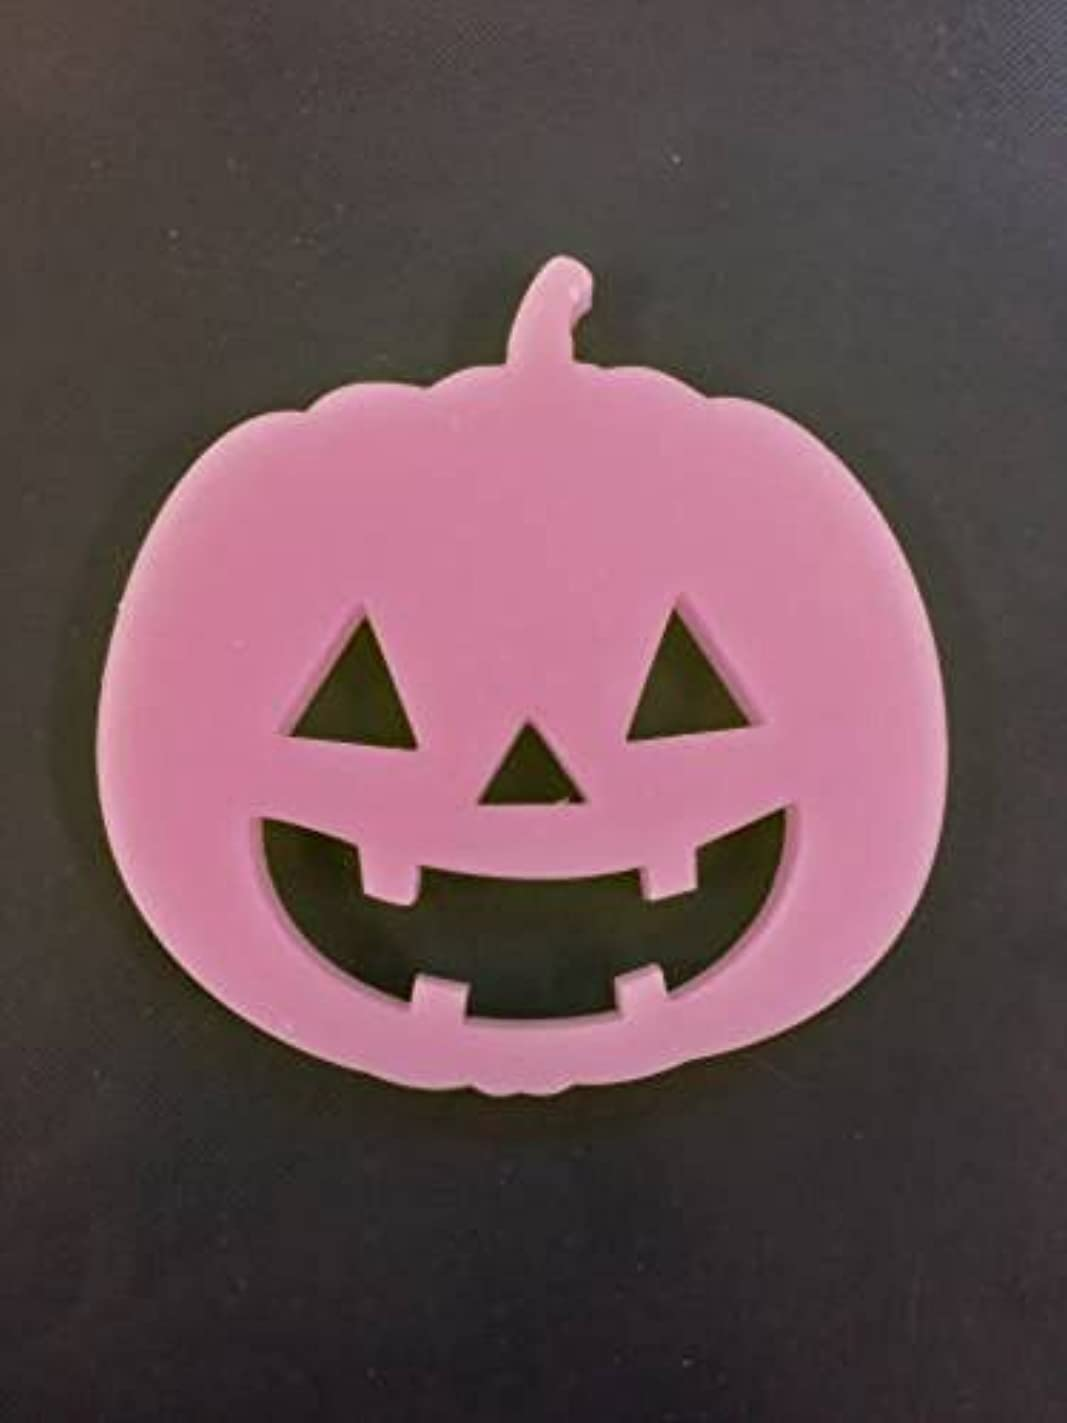 孤独な主権者ラッシュGRASSE TOKYO AROMATICWAXチャーム「ハロウィンかぼちゃ」(PI) ゼラニウム アロマティックワックス グラーストウキョウ